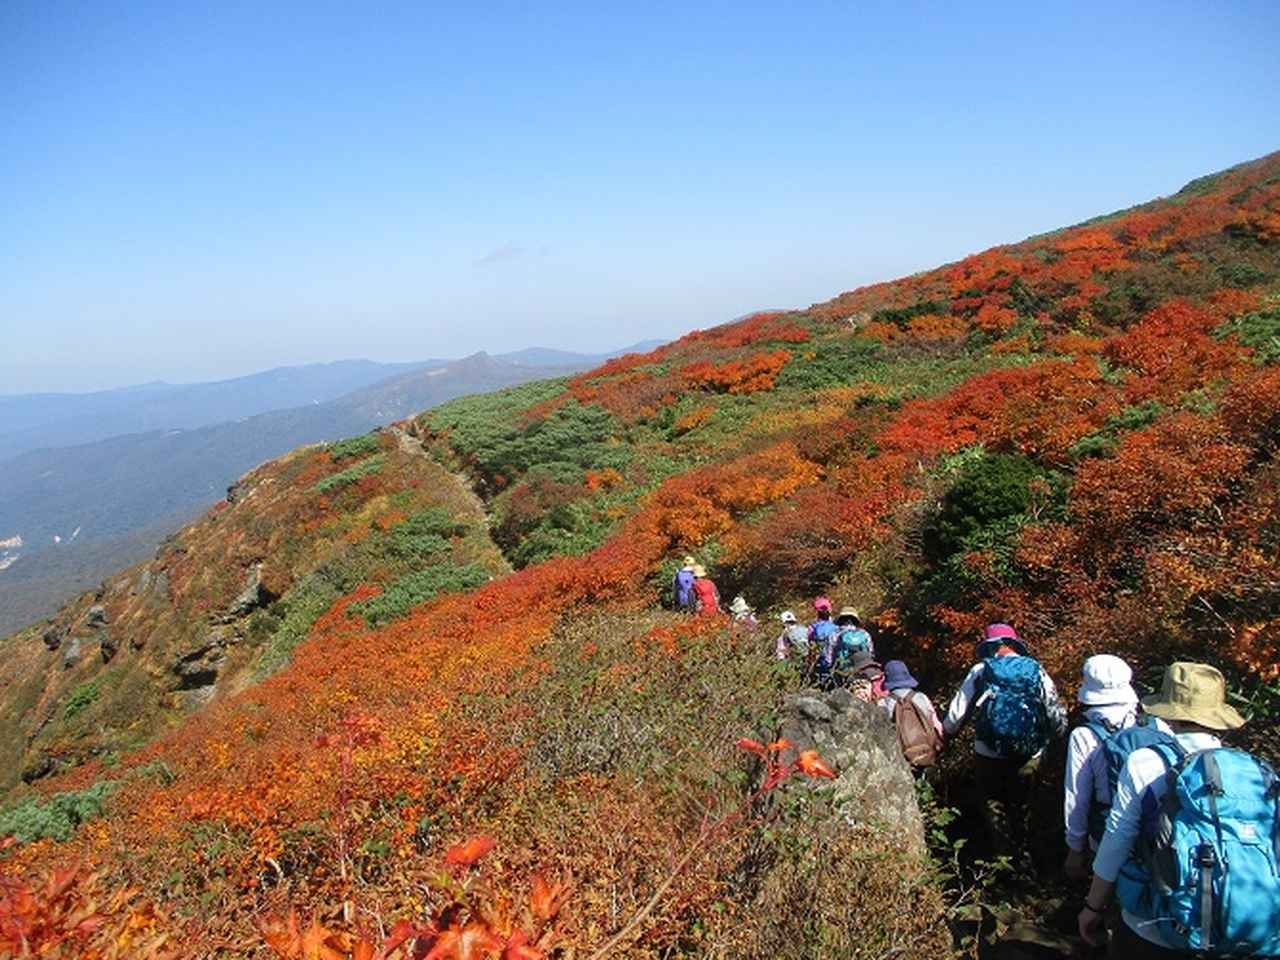 画像9: 9月30日から山旅会 「八幡平・秋田駒ヶ岳」 ツアーに行ってきました!